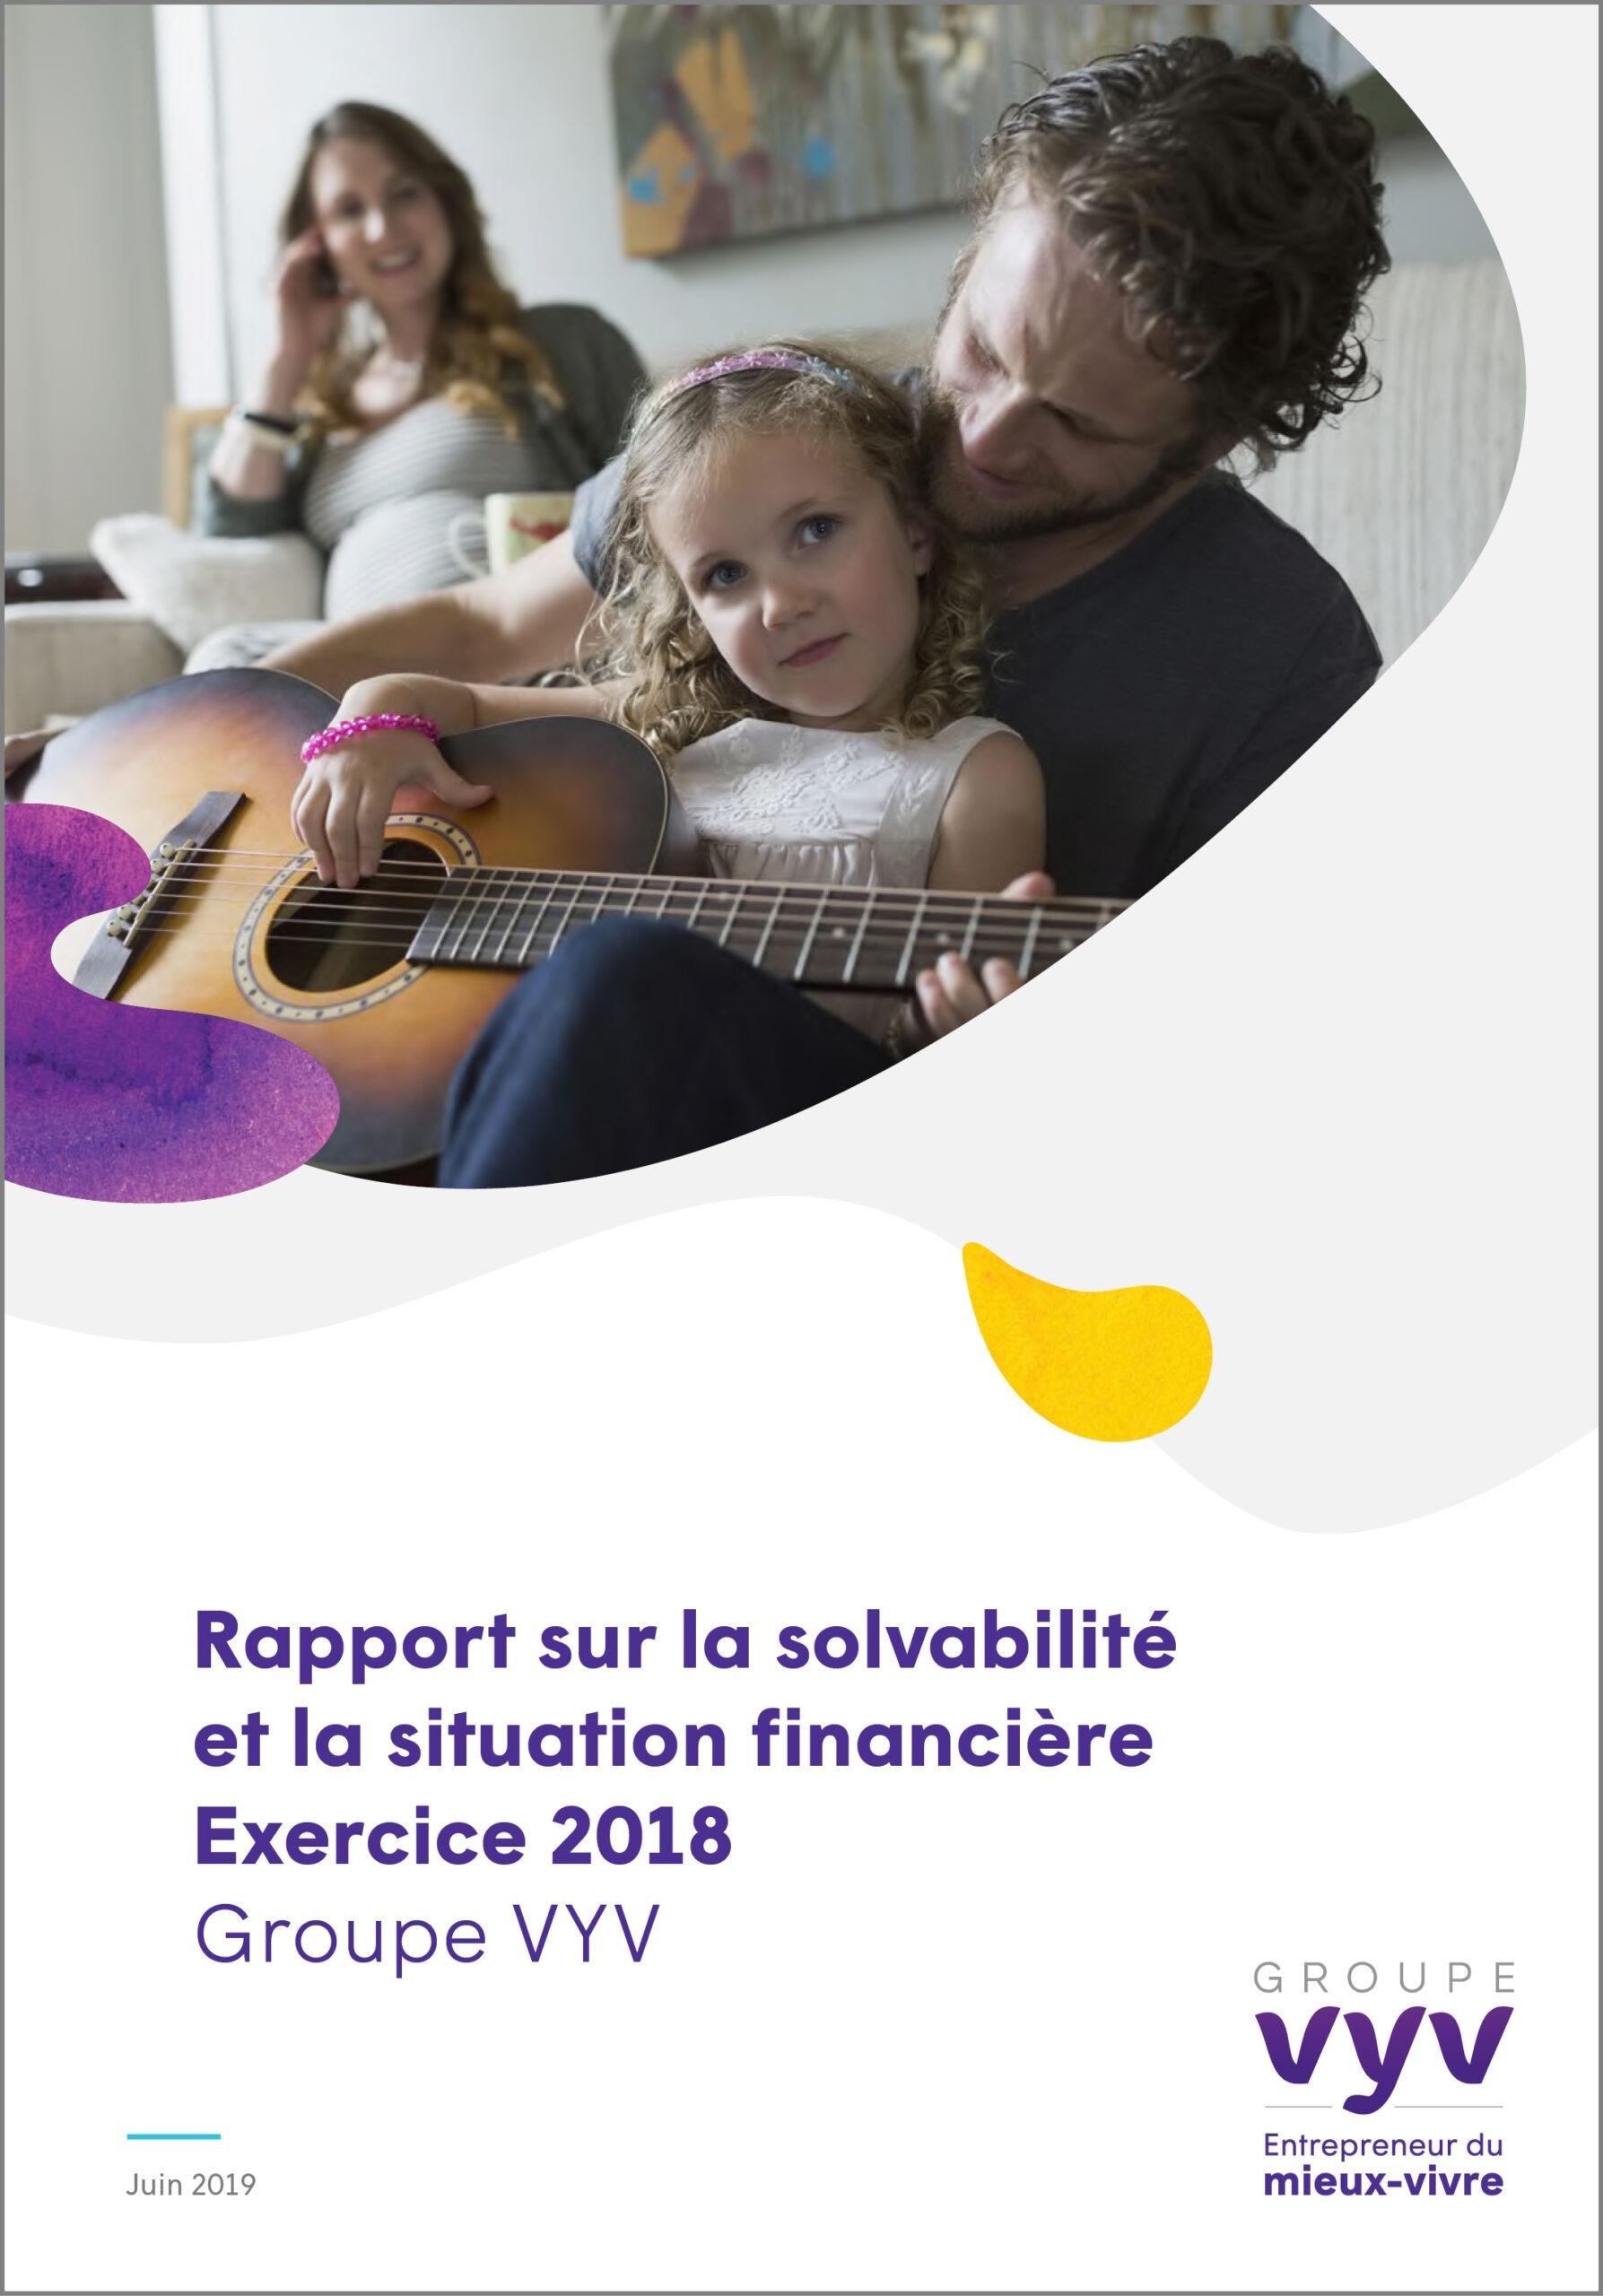 Rapport sur la solvabilité et la situation financière 2018